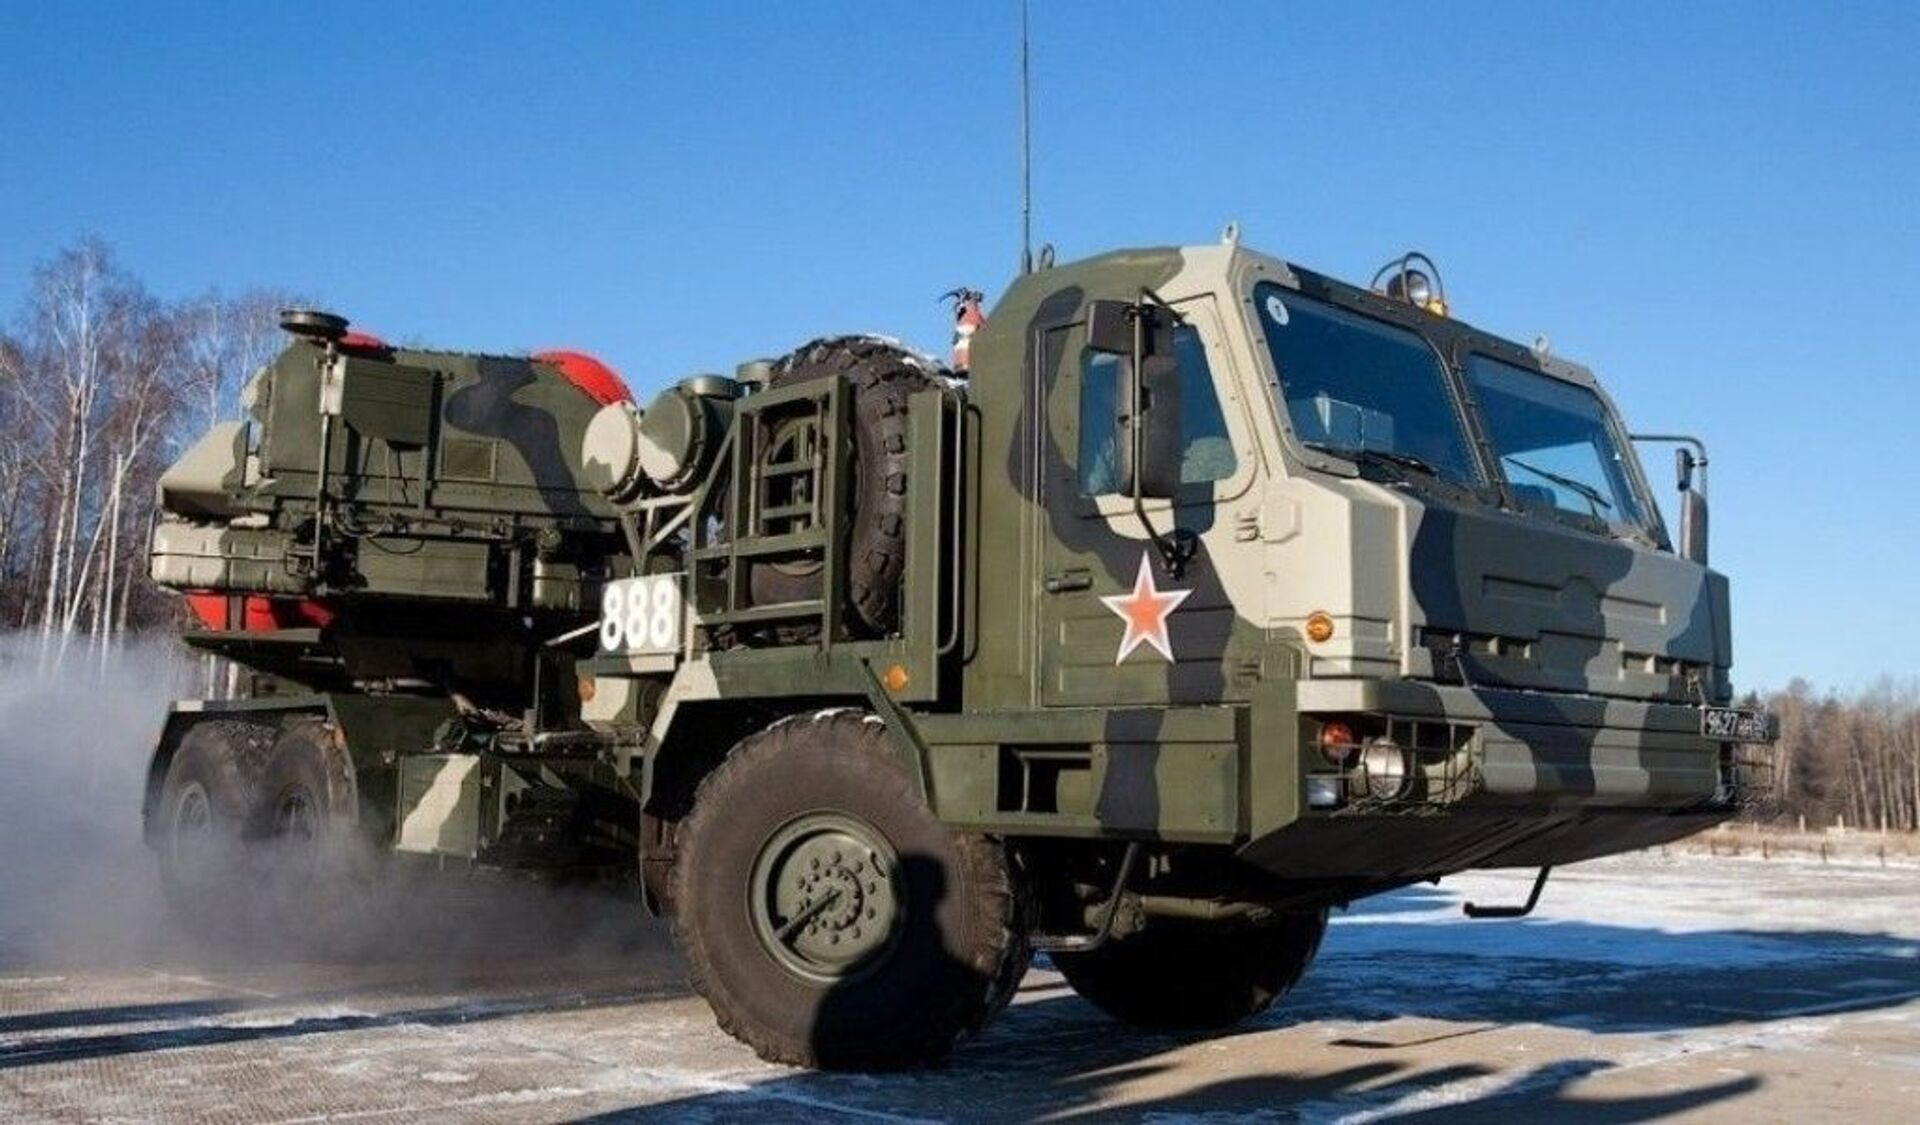 Bộ Quốc phòng Nga thông báo thử nghiệm thành công hệ thống phòng không S-500 - Sputnik Việt Nam, 1920, 07.07.2021